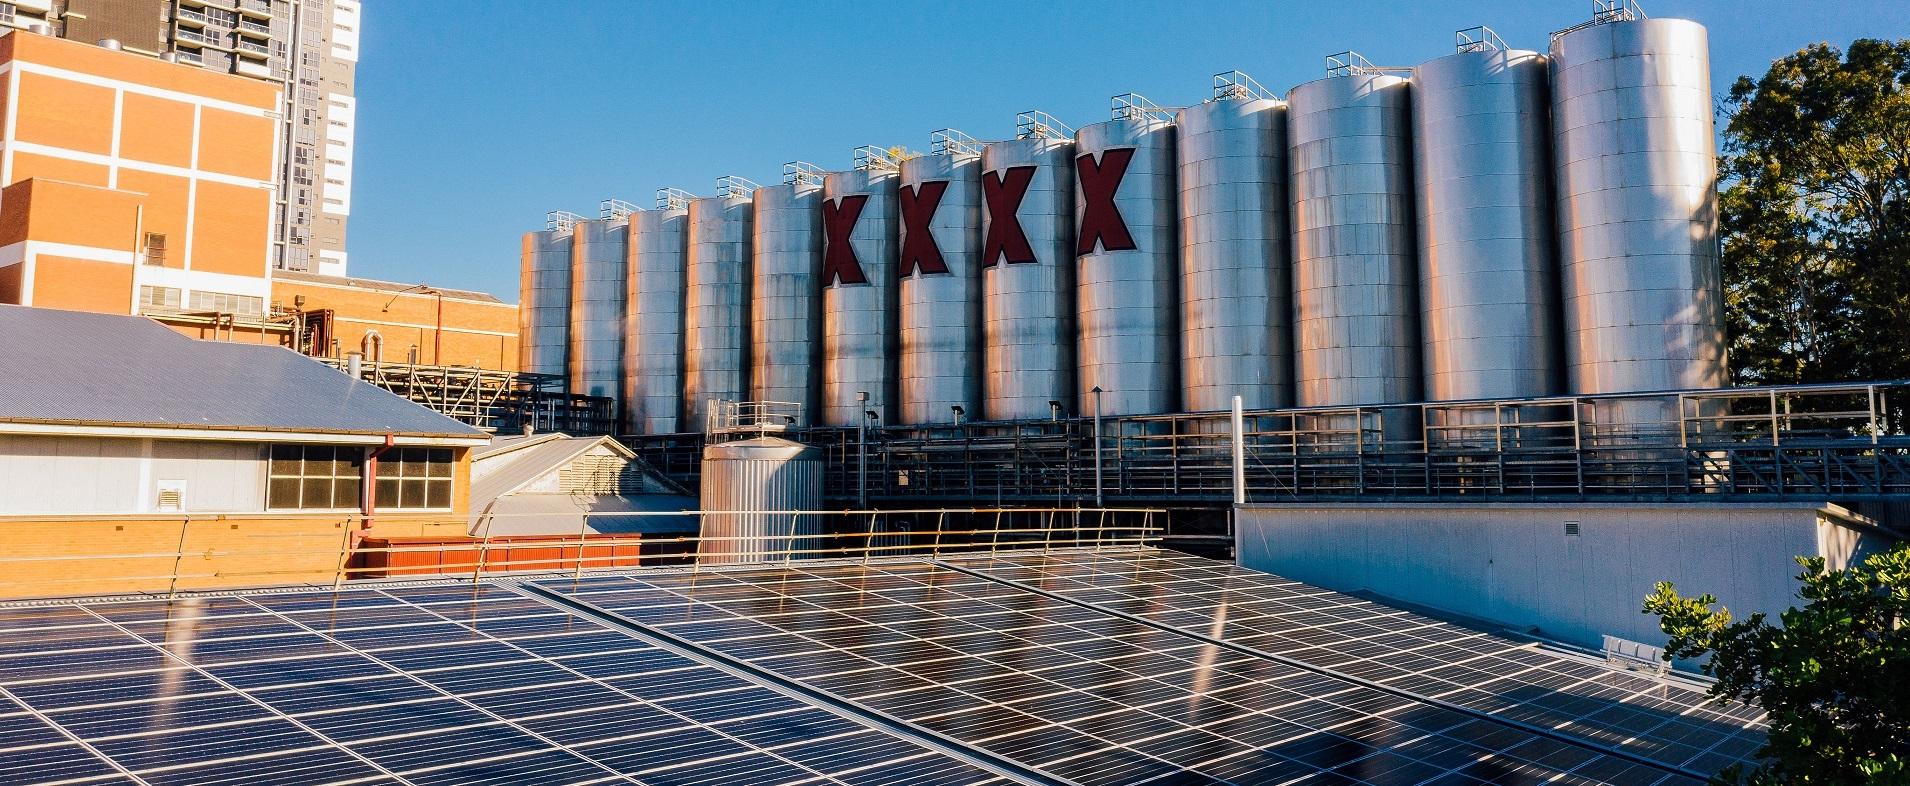 XXXX solar cropped